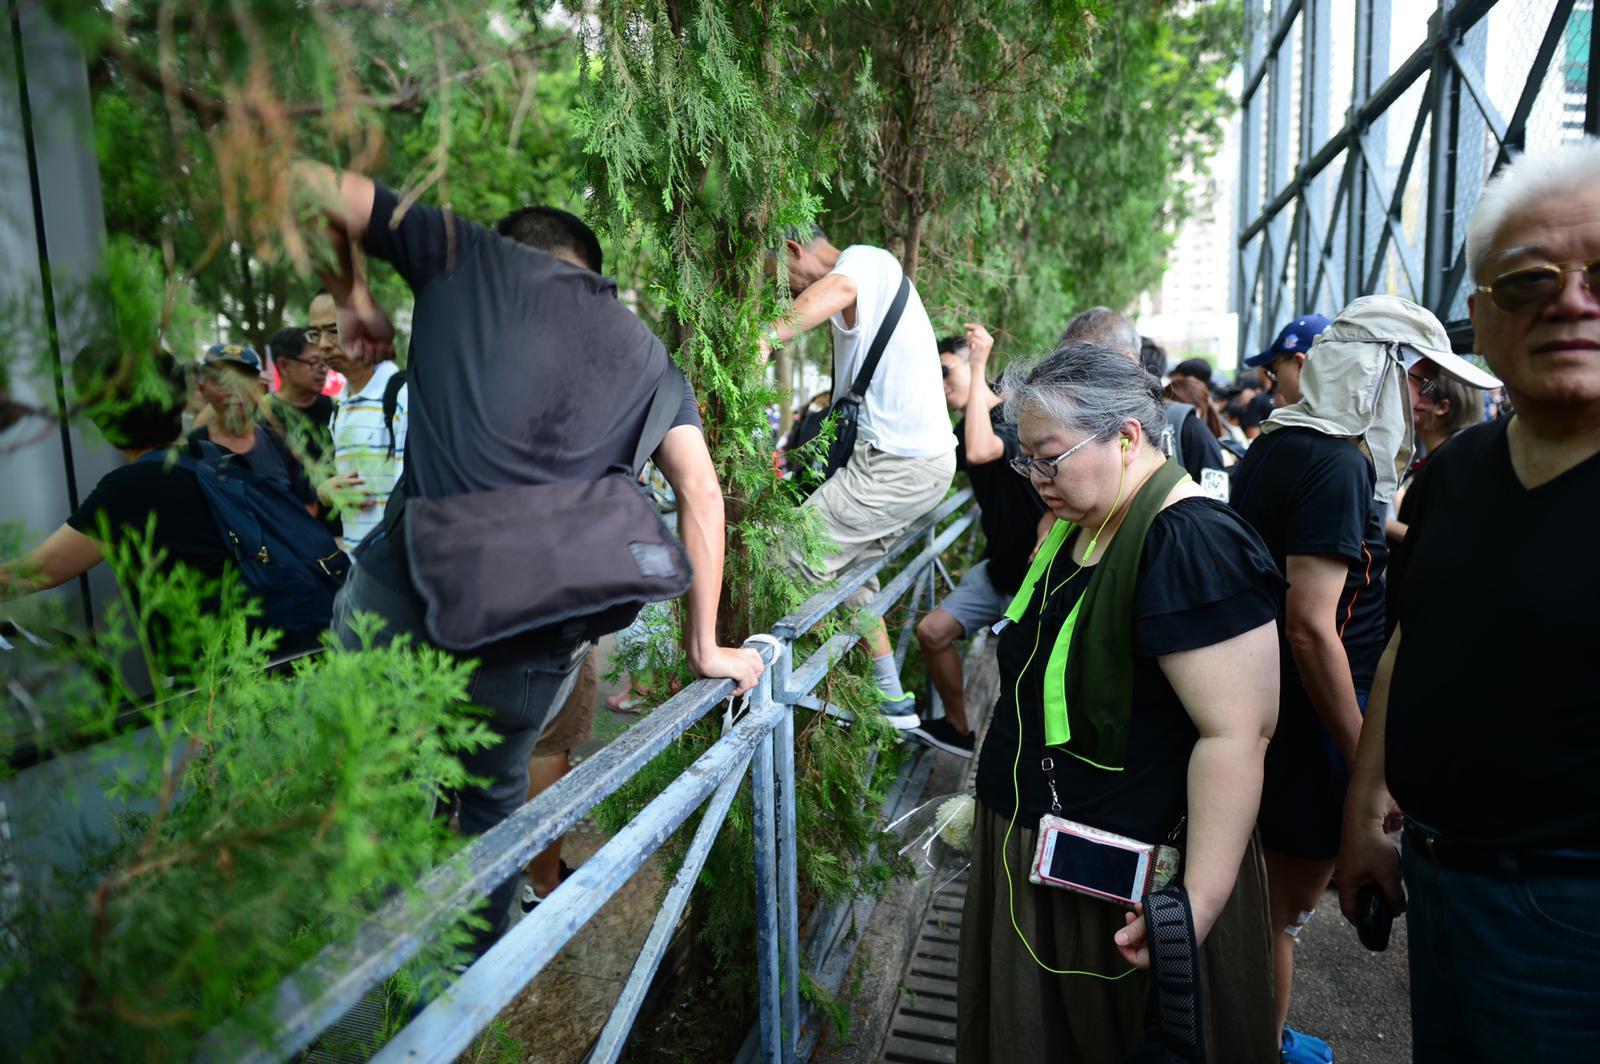 市民在維園等得太久,跨過圍欄直接加入遊行